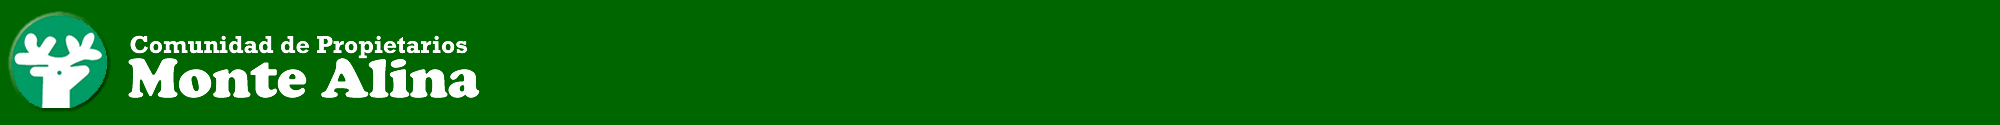 Comunidad de Propietarios de Monte Alina